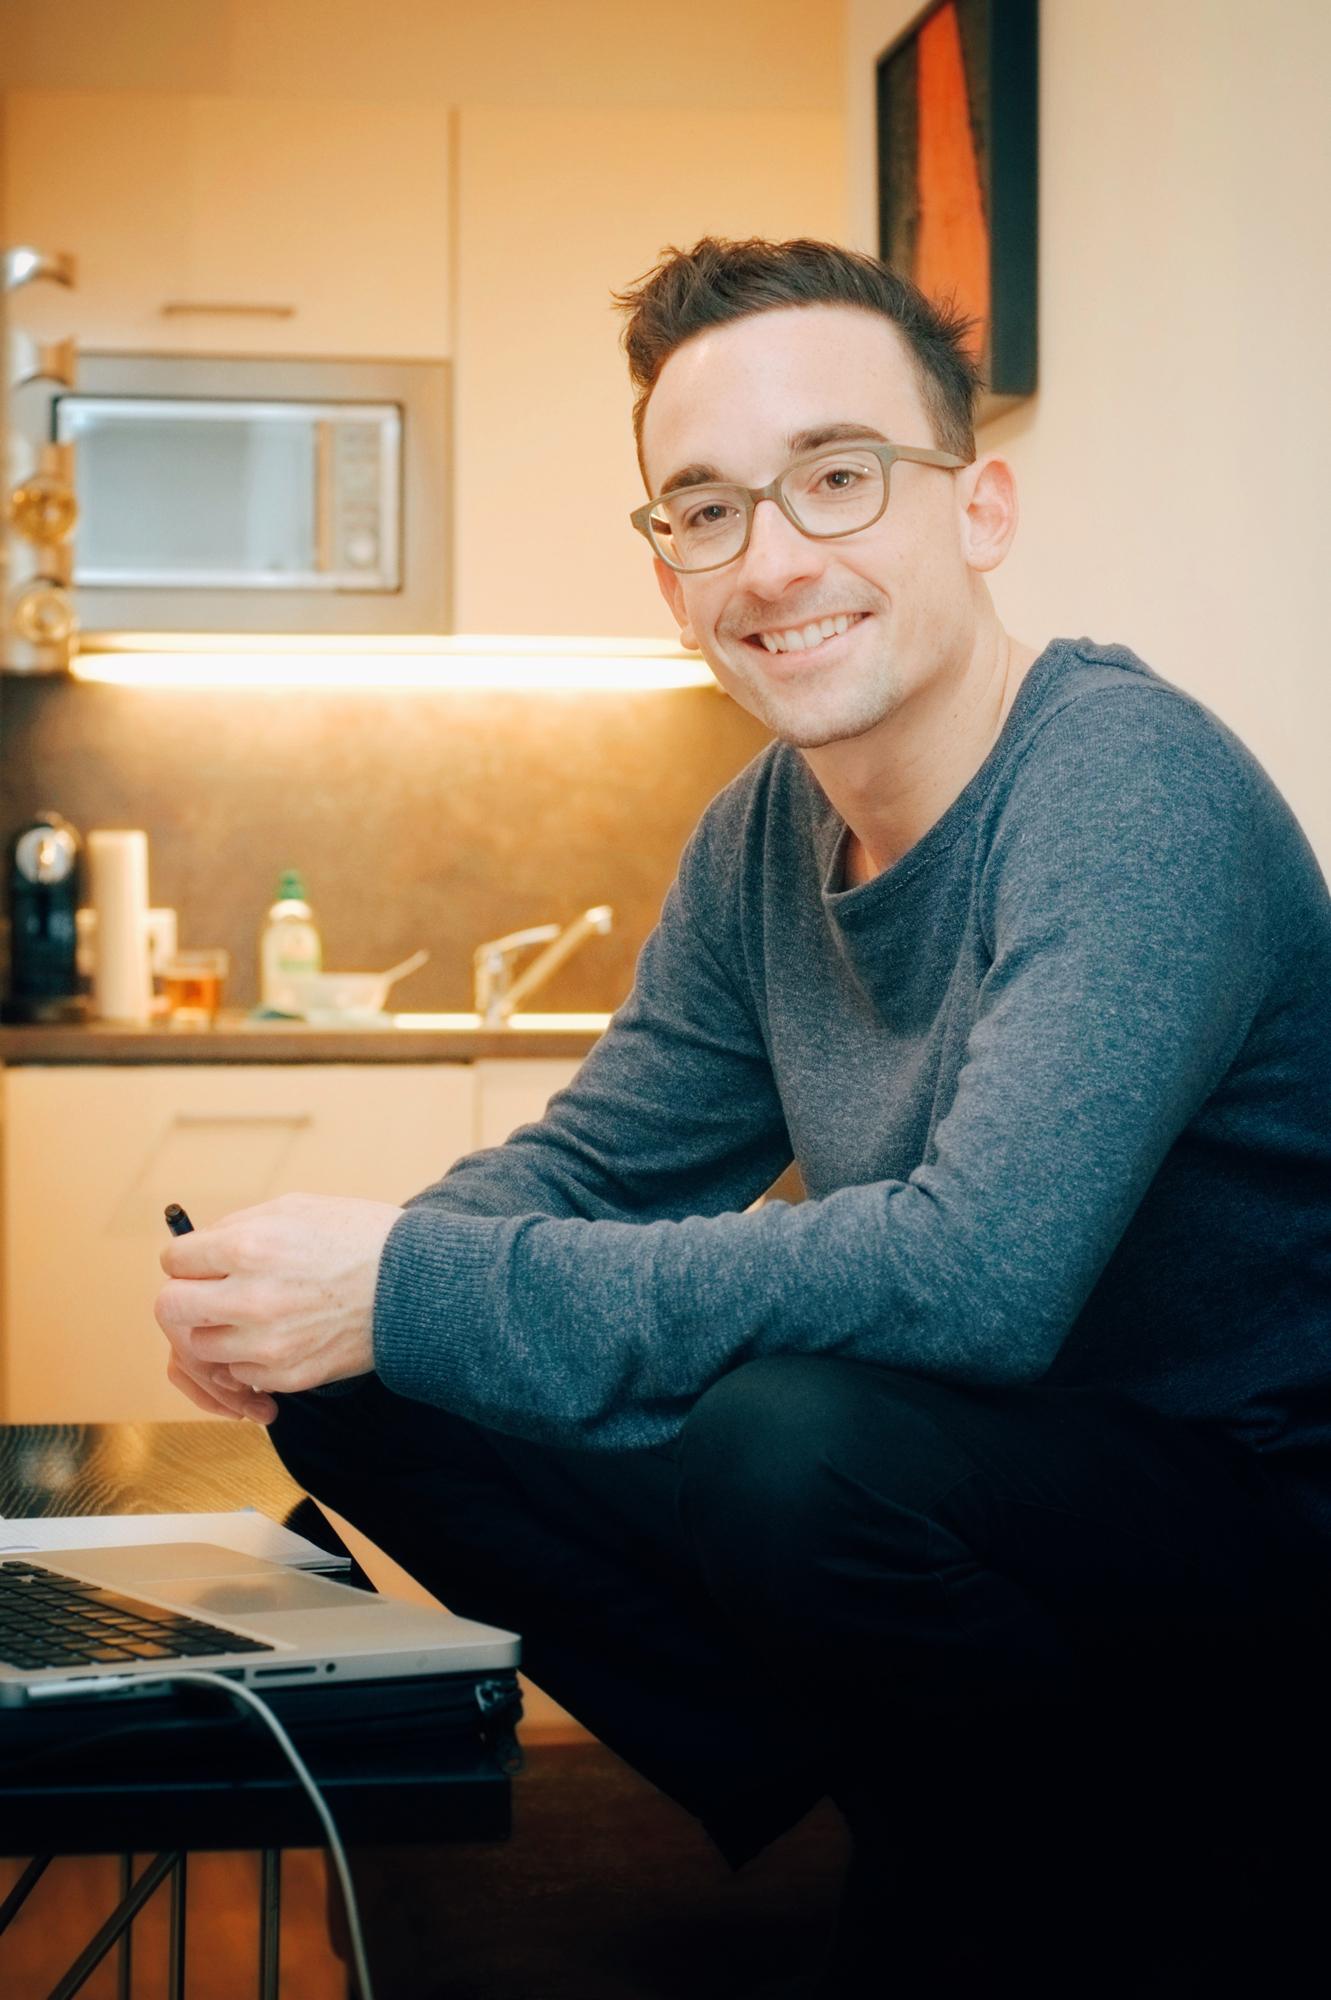 Foto: Markus Neubauer / Helden-von-heute.at